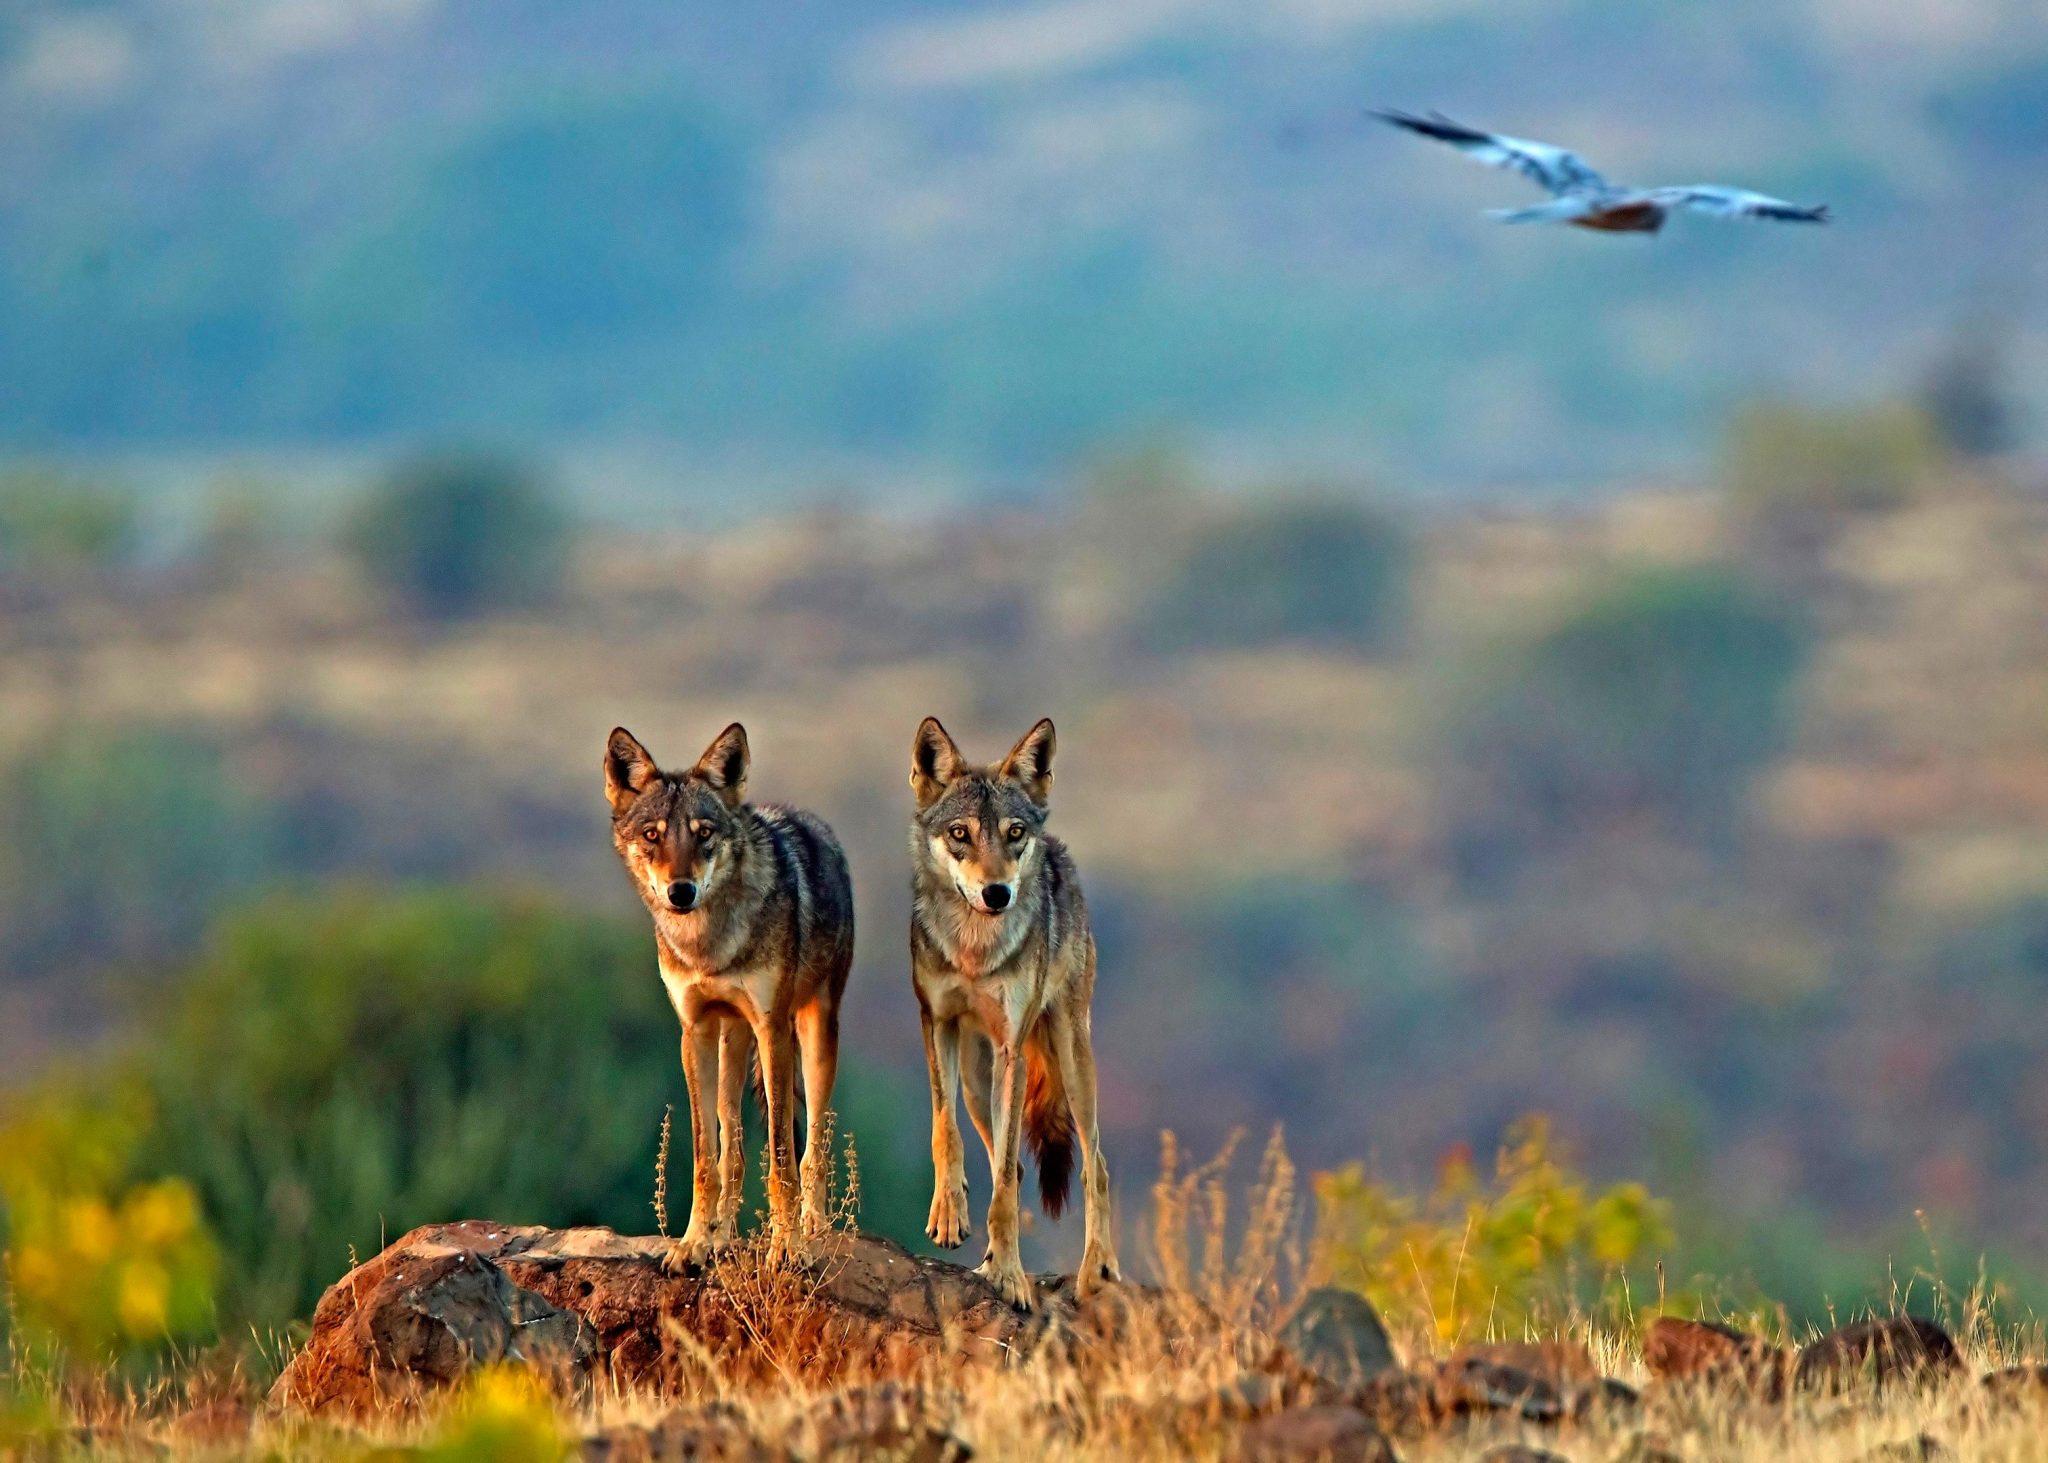 《Molecular Ecology》:印度狼是世界上最濒危的灰狼种群 比之前认为的更加濒危